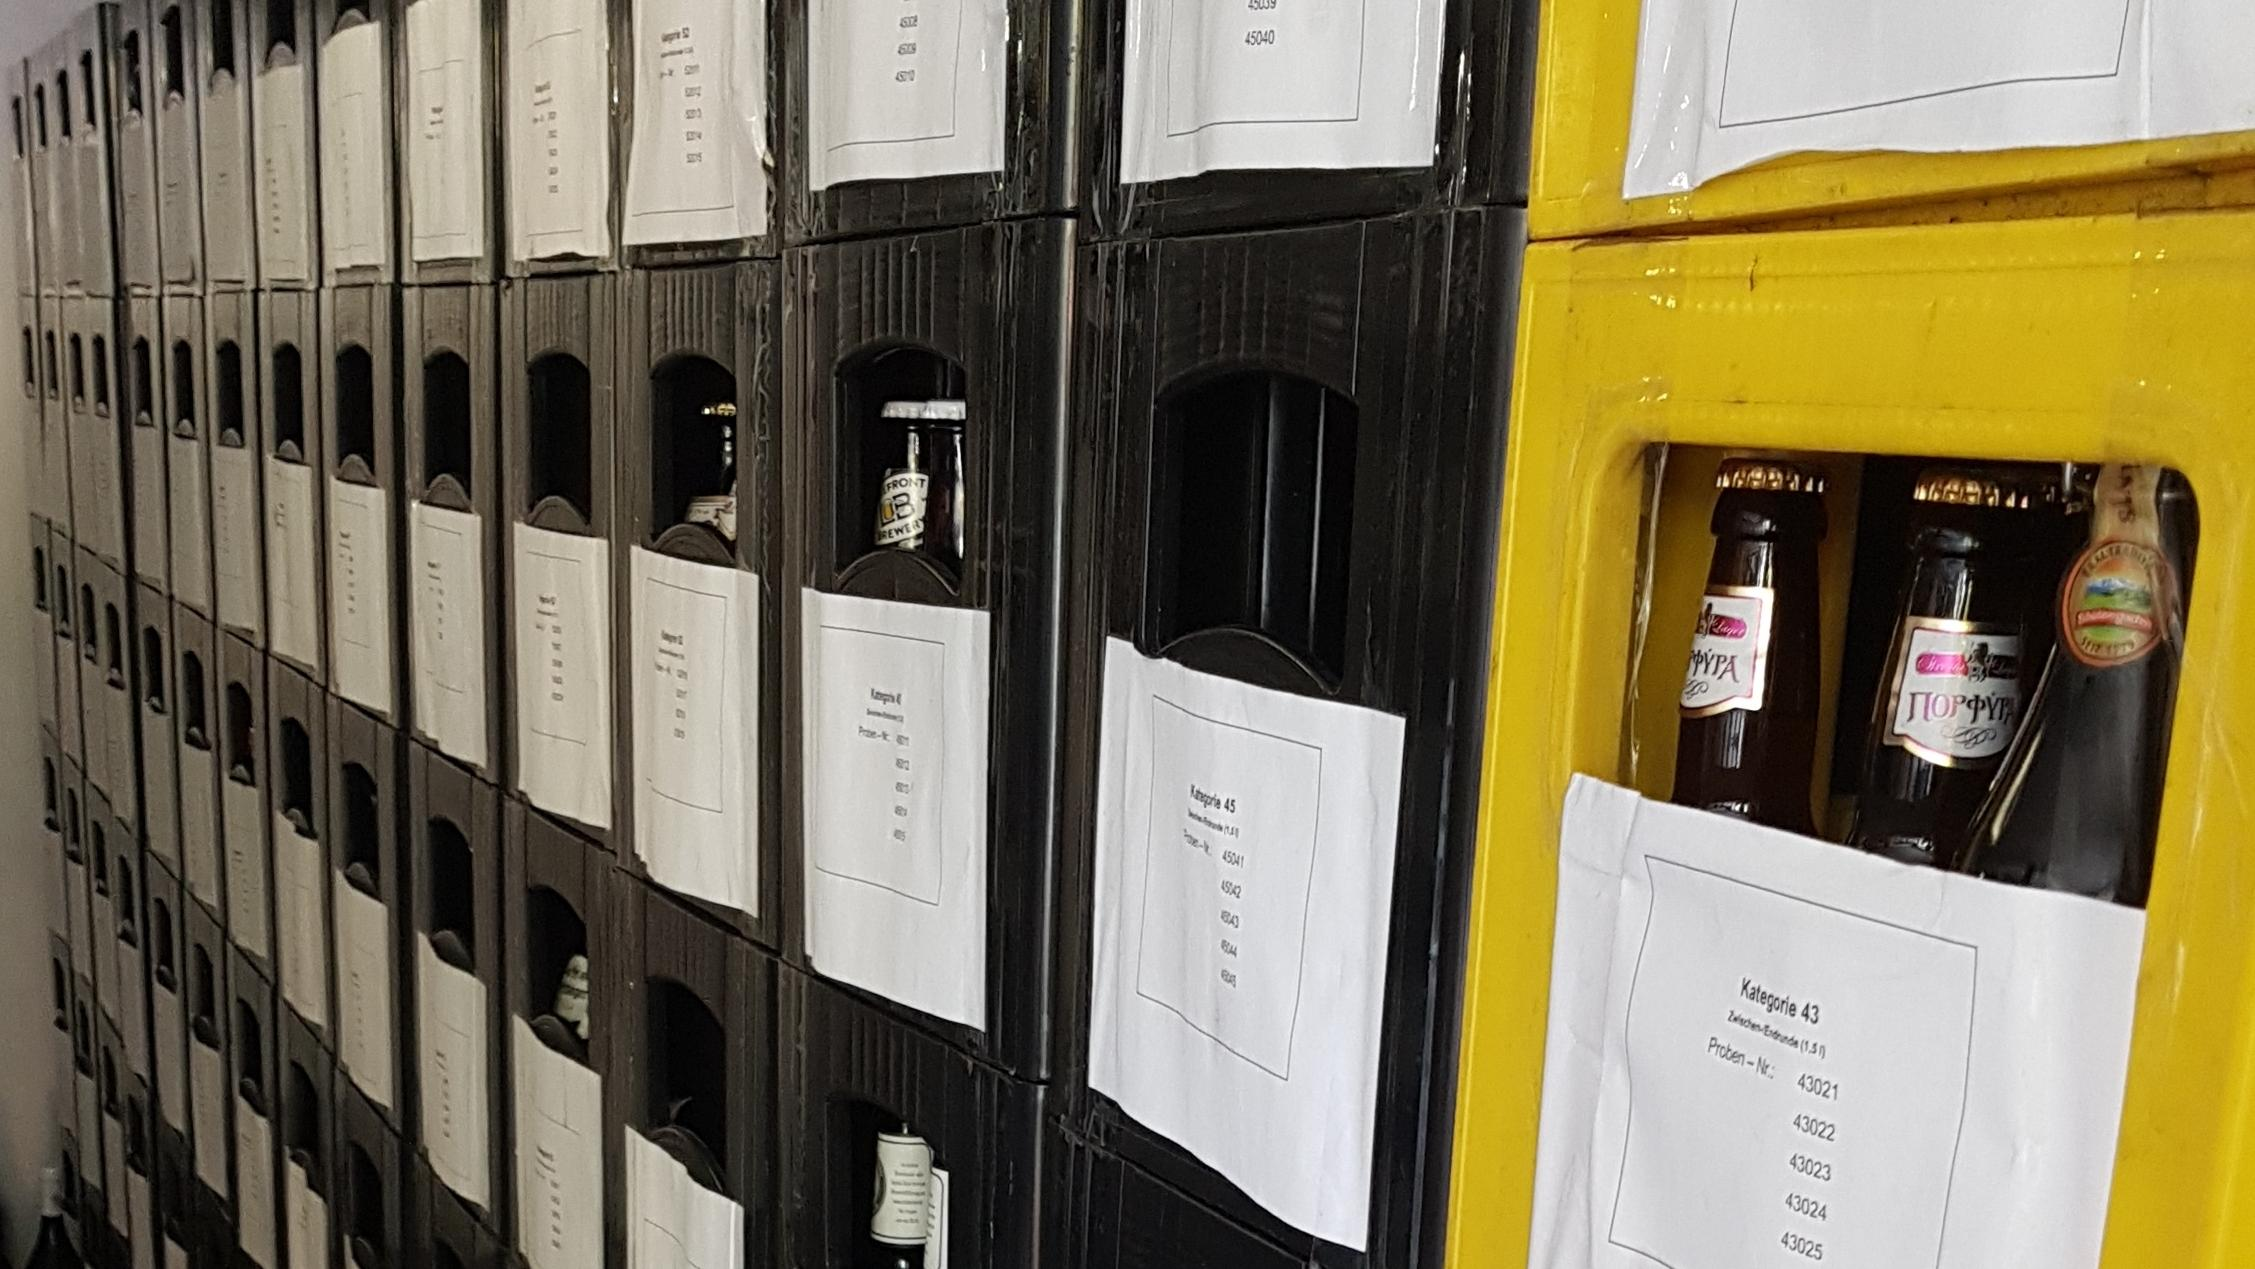 Biertester bei der Arbeit.